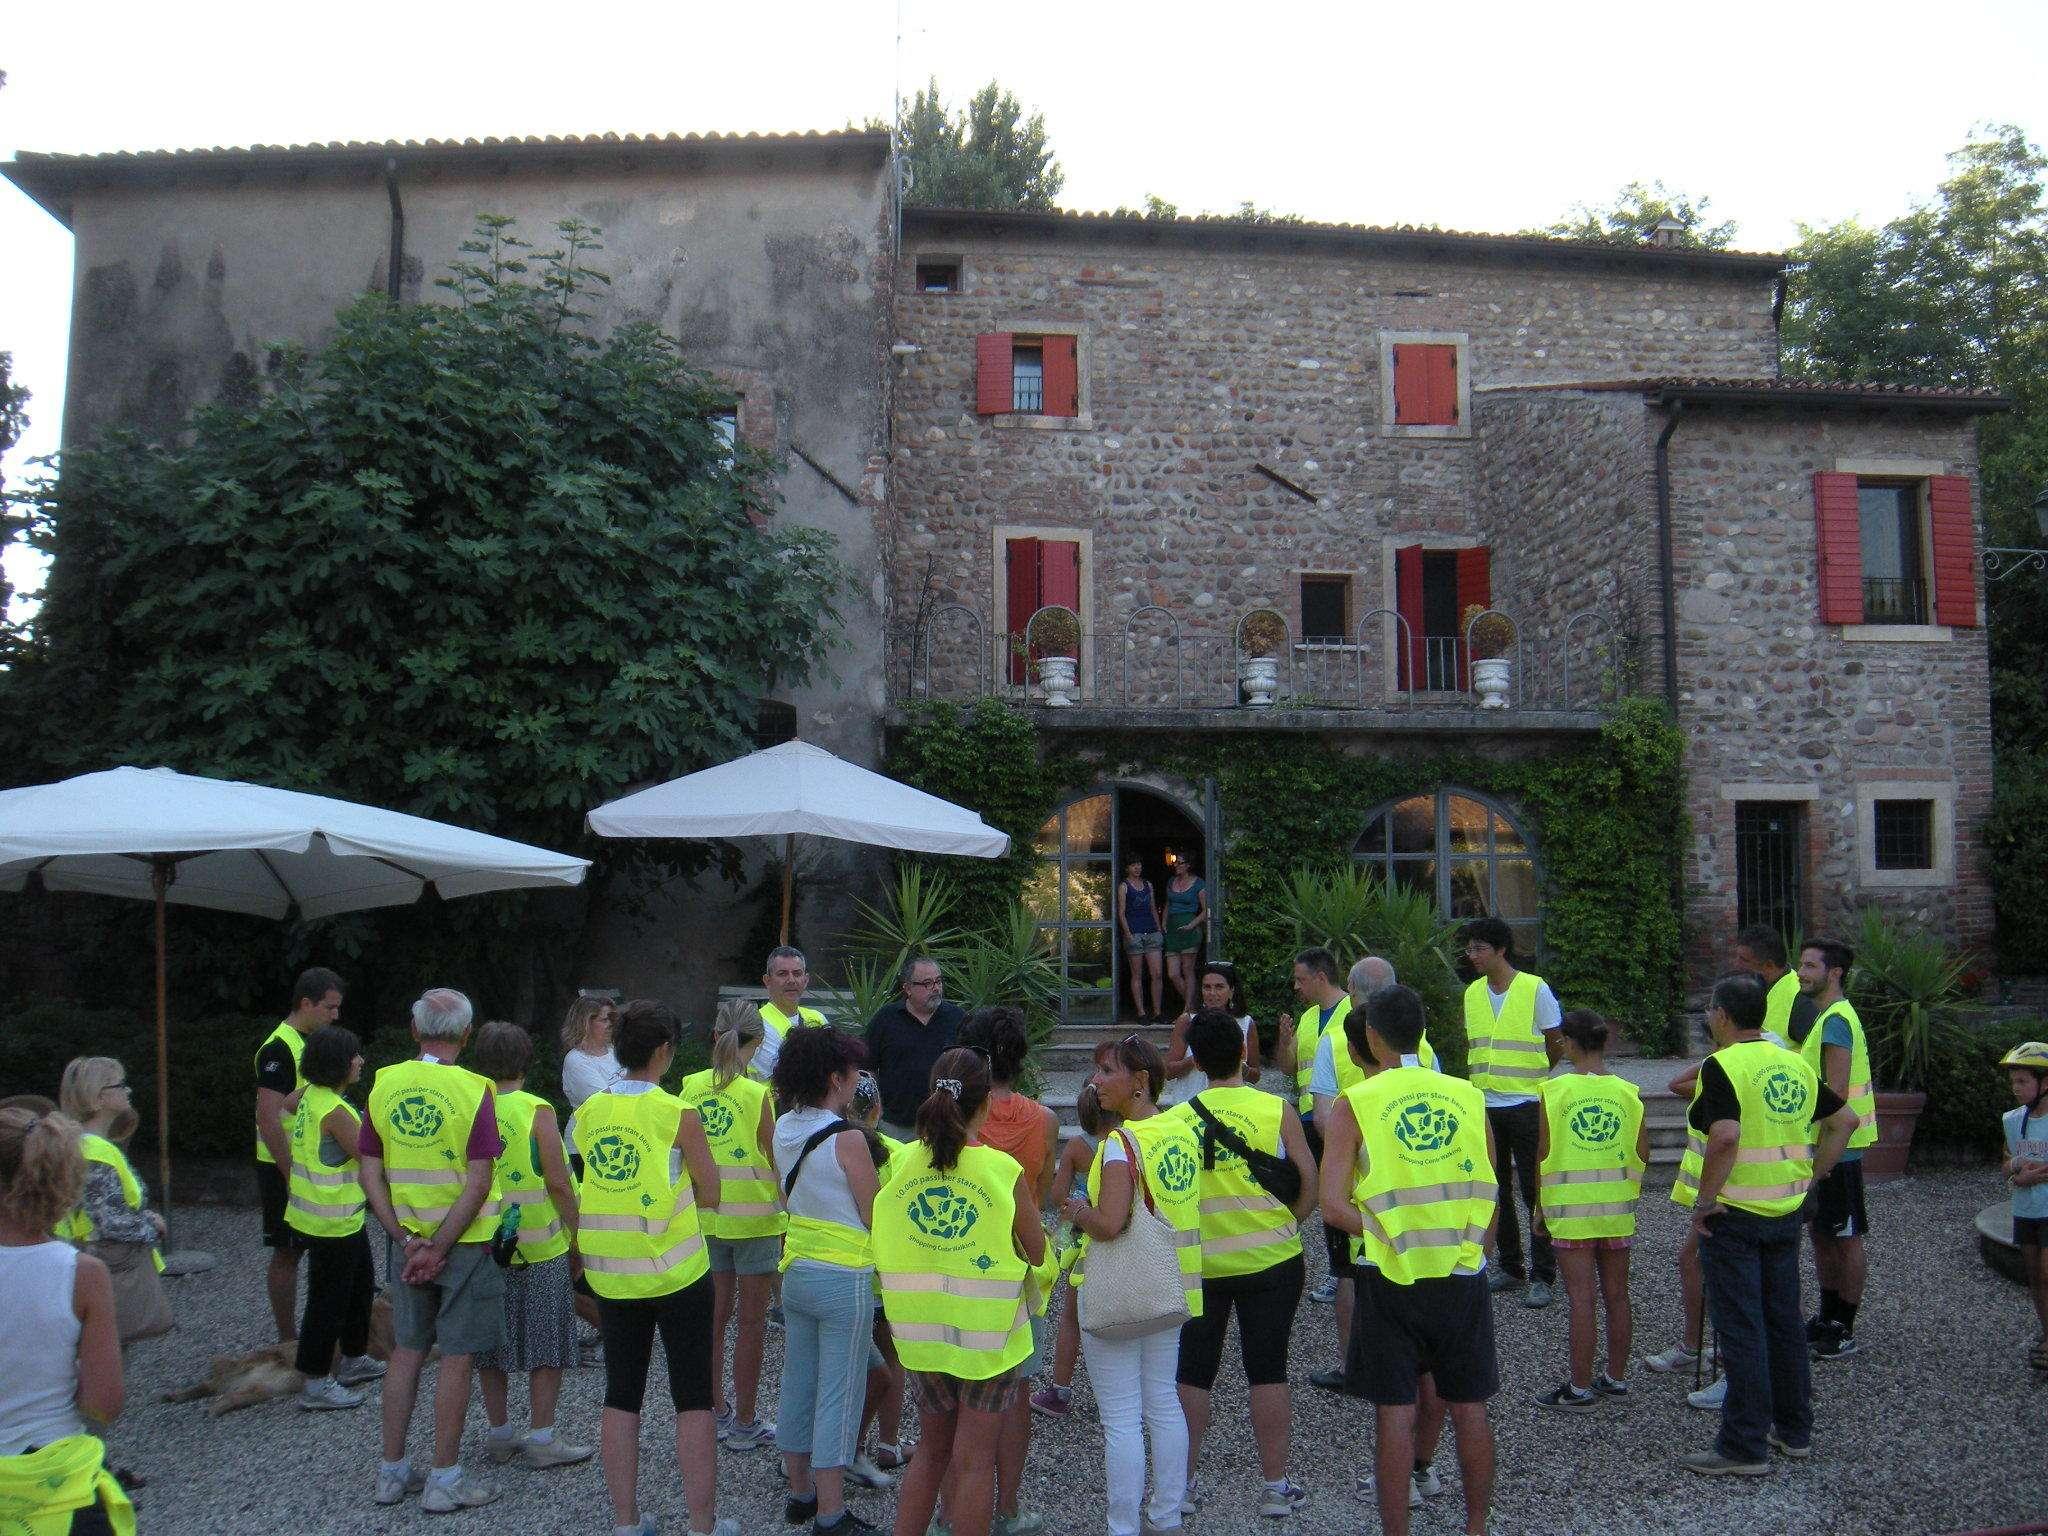 2013 07 31 10000 passi S Giorgioc Turco e gruppo